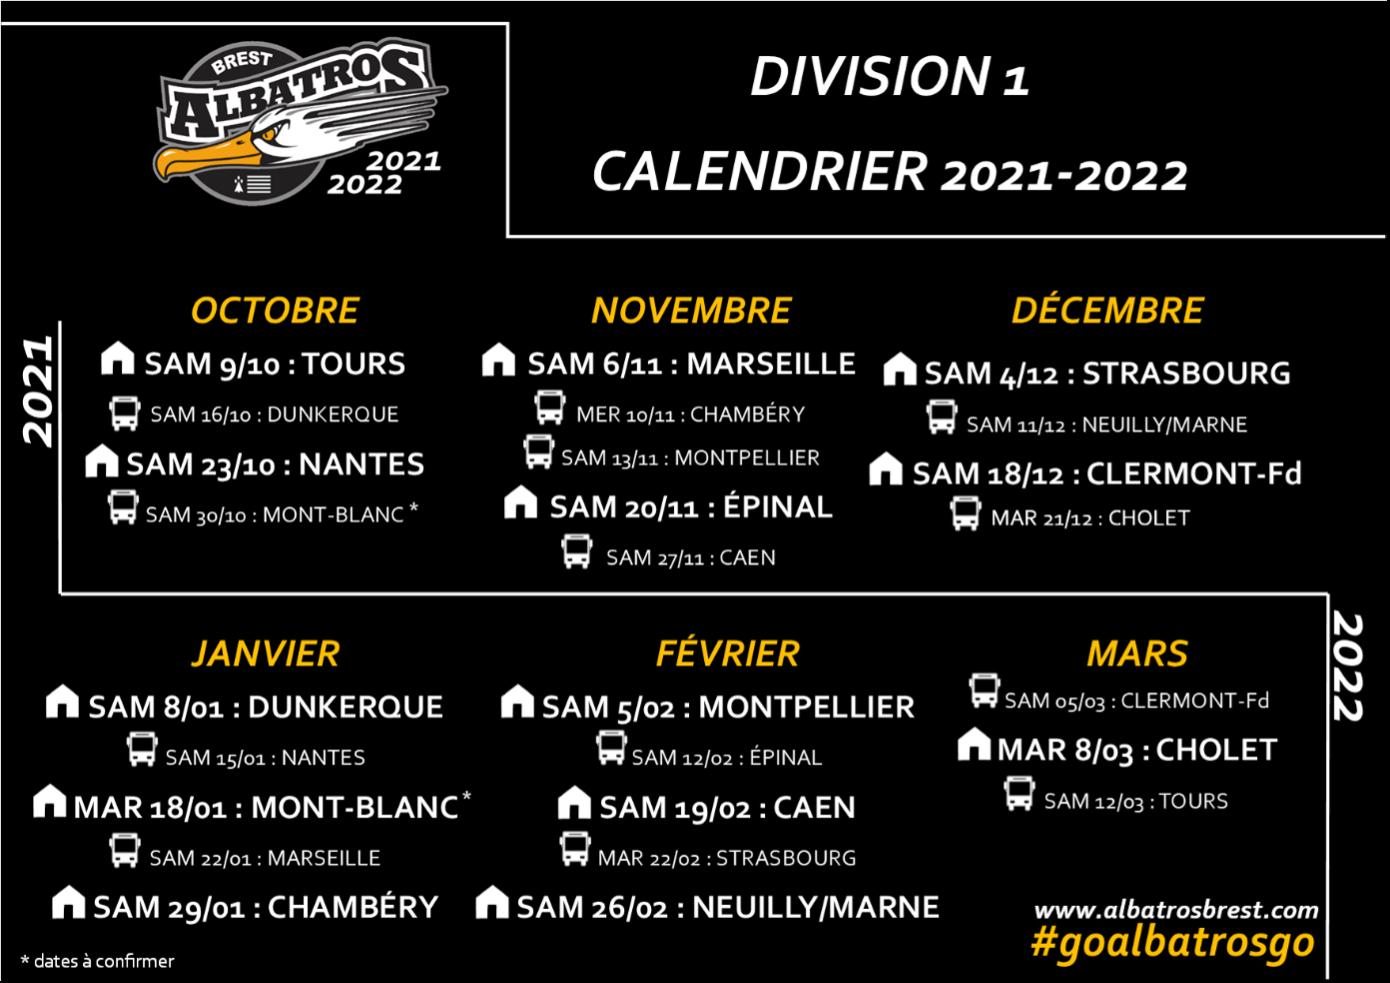 Calendrier Albatros 2021-2022